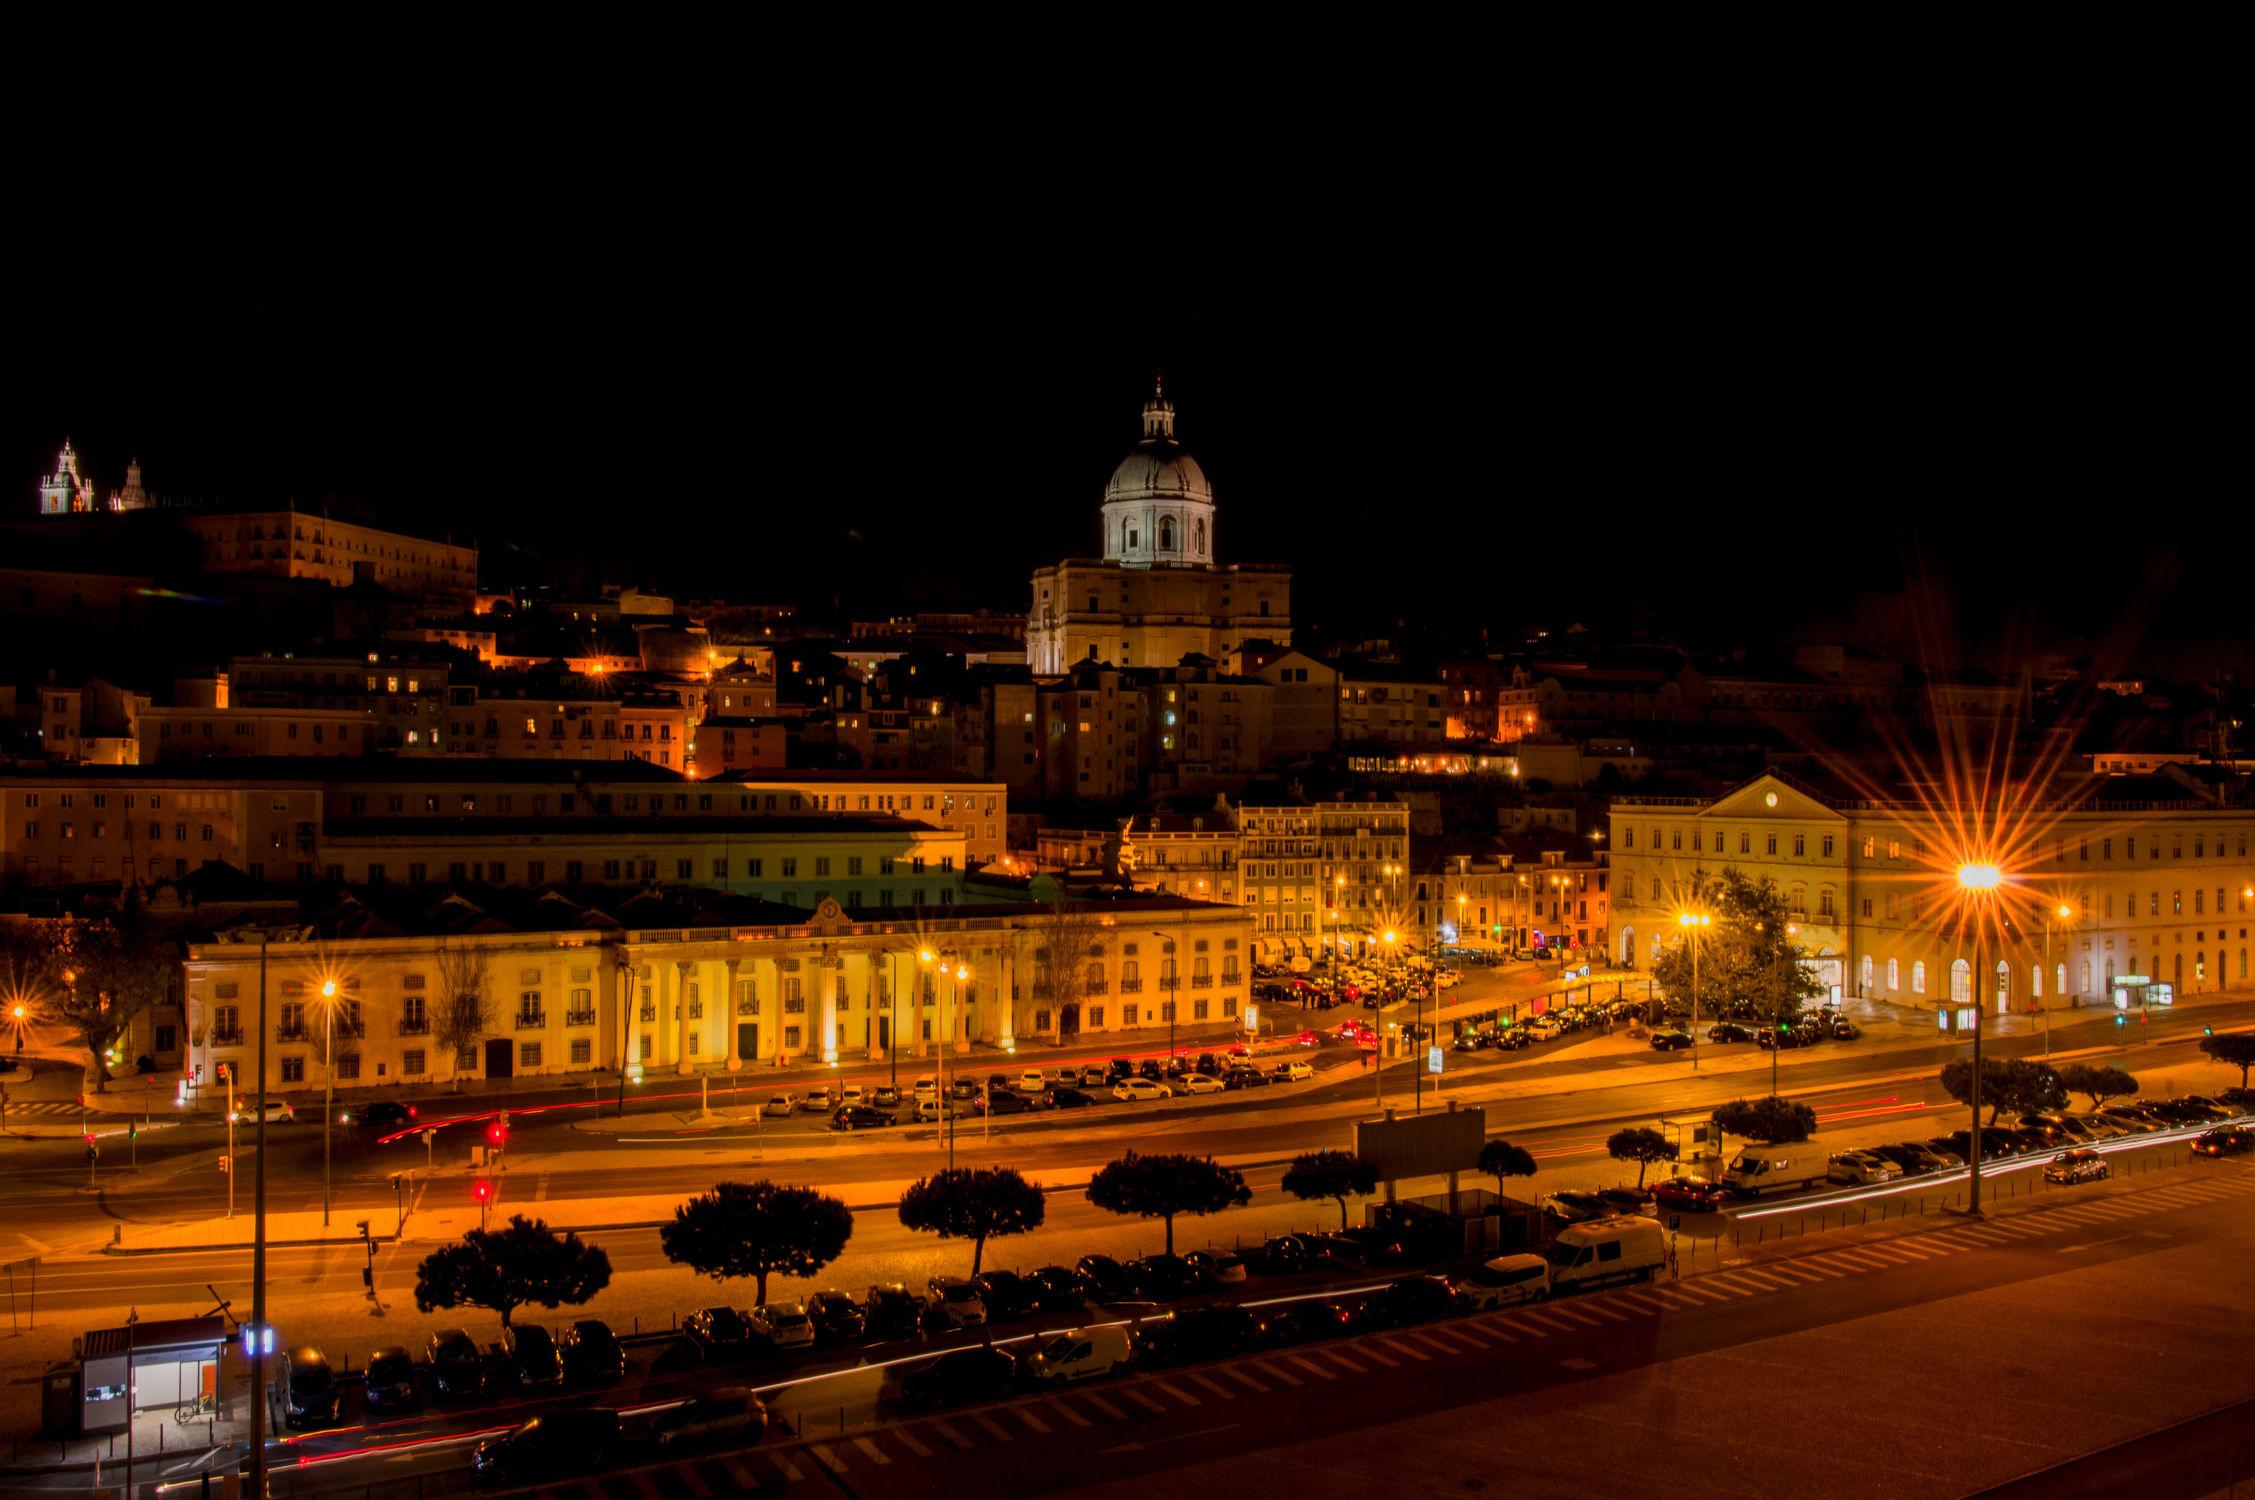 Bild mit Fahrzeuge, Architektur, Häuser, Stadt, City, Europa, Lissabon, Hauptstadt, Portugal